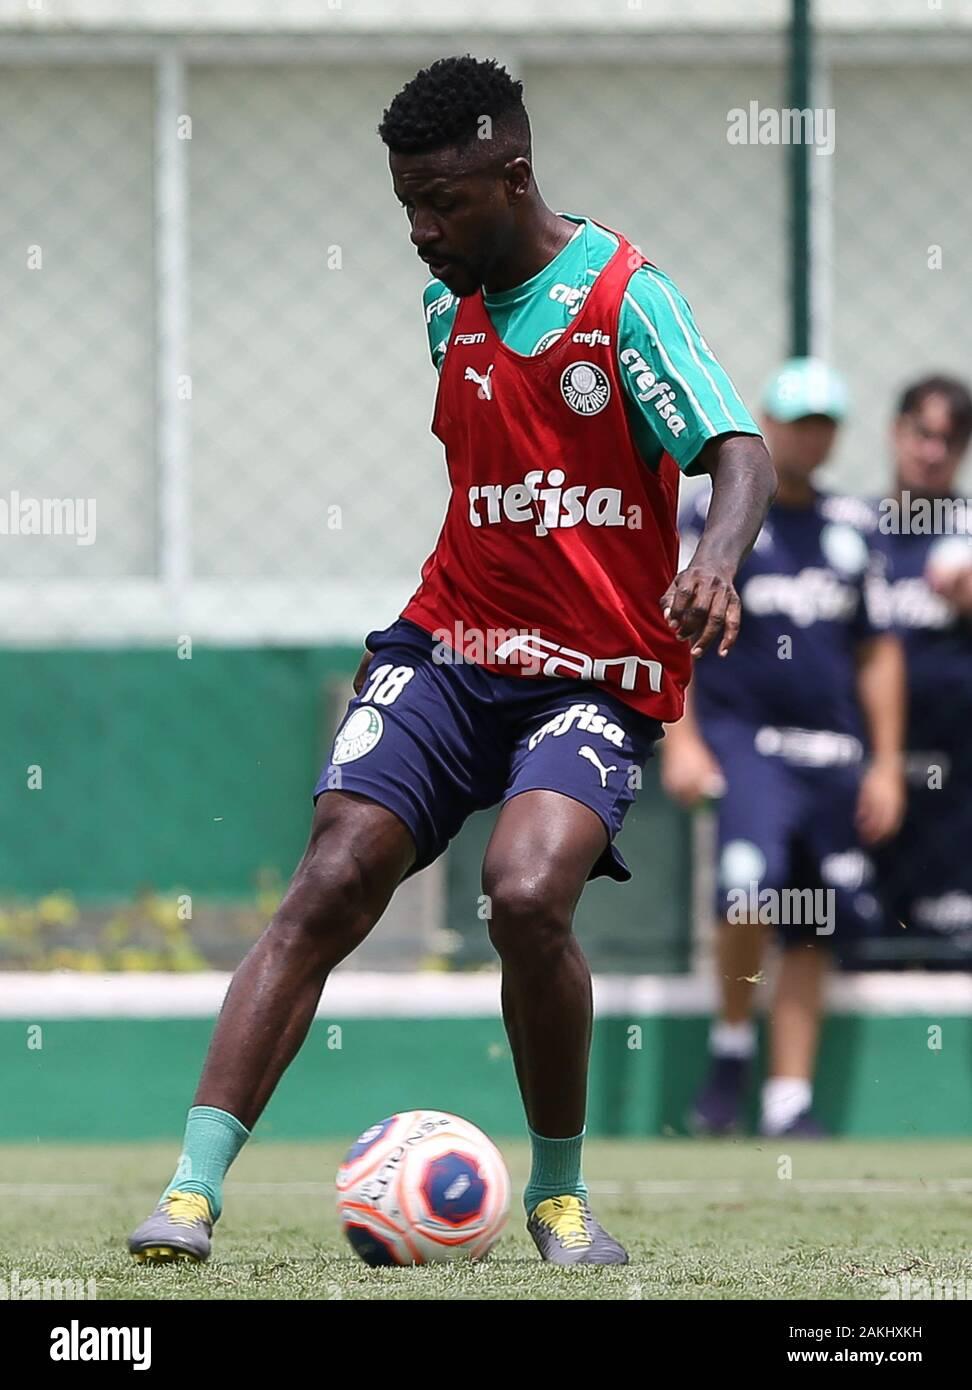 SÃO PAULO, SP - 09.01.2020: TREINO DO PALMEIRAS - Player Ramires of SE Palmeiras during training at the Football Academy. (Photo: Cesar Greco/Fotoarena) Stock Photo